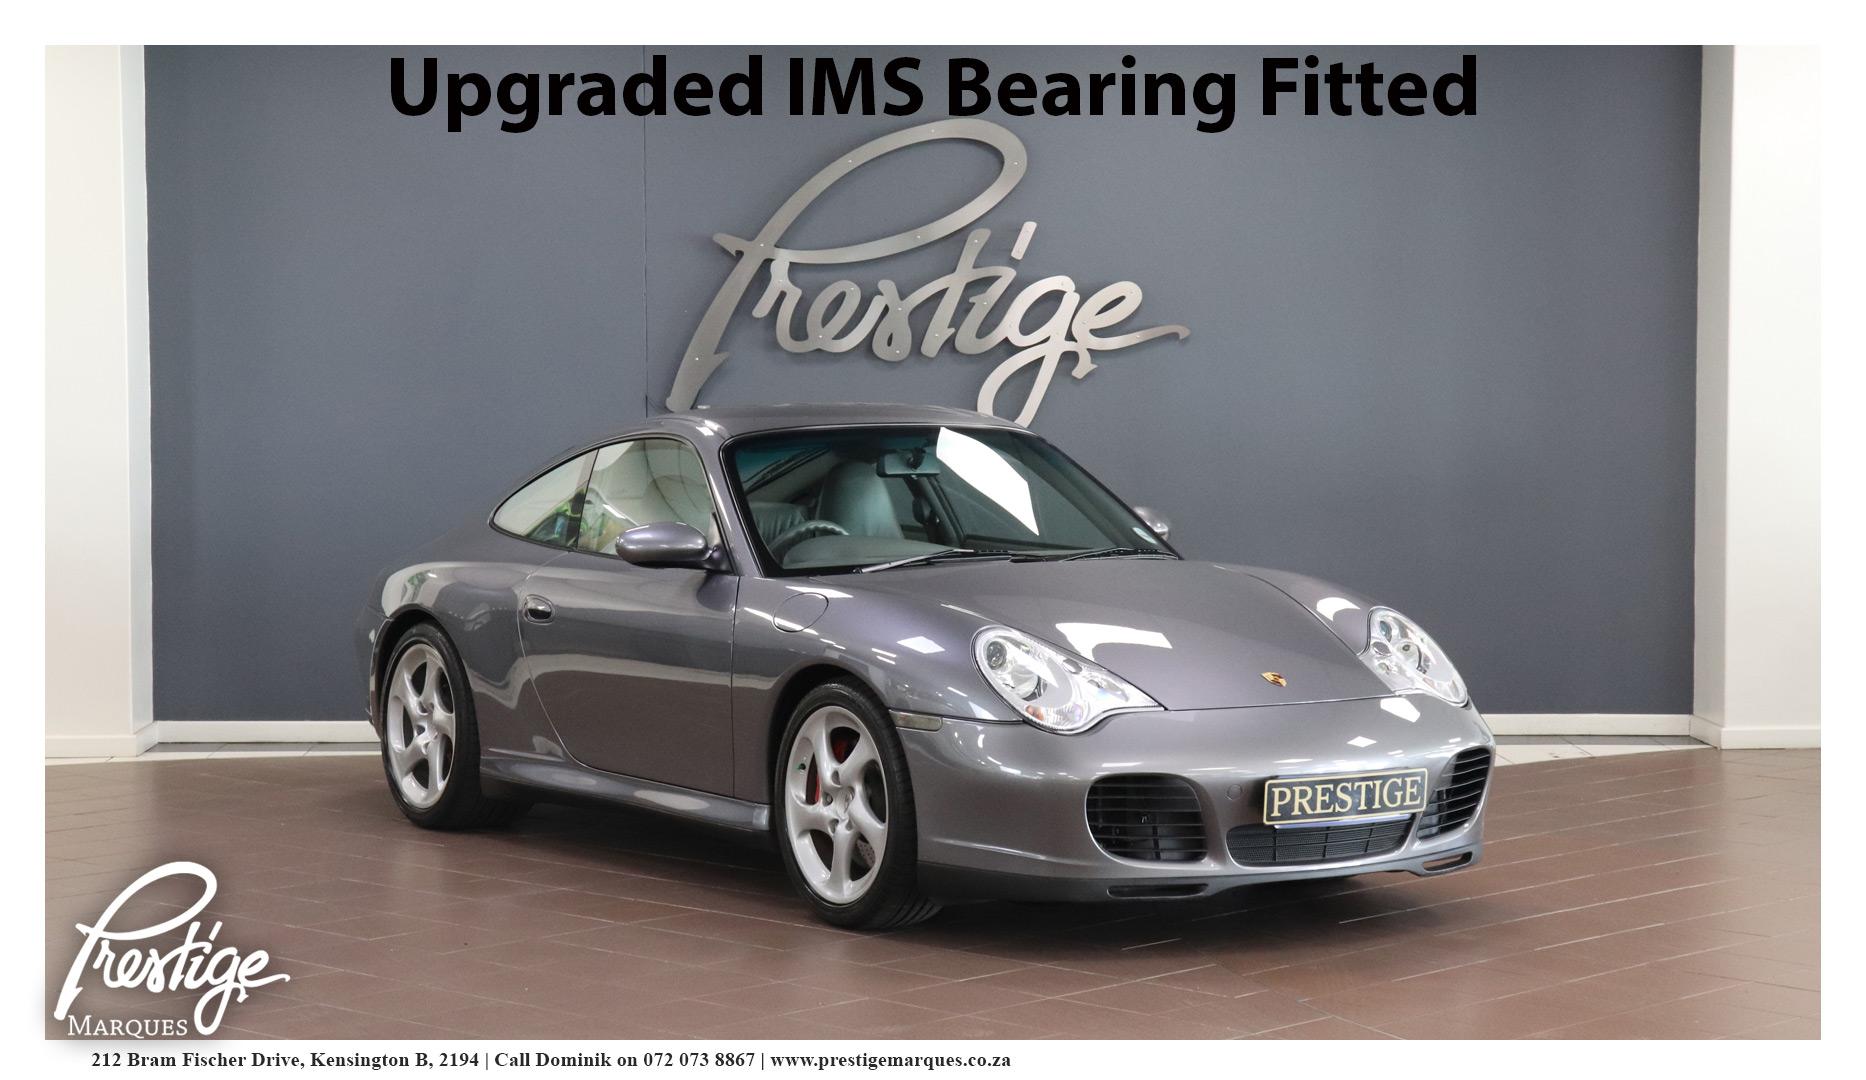 2005-Porsche-911-996-4s-Coupe-Manual-Prestige-Marques-Randburg-Sandton-1